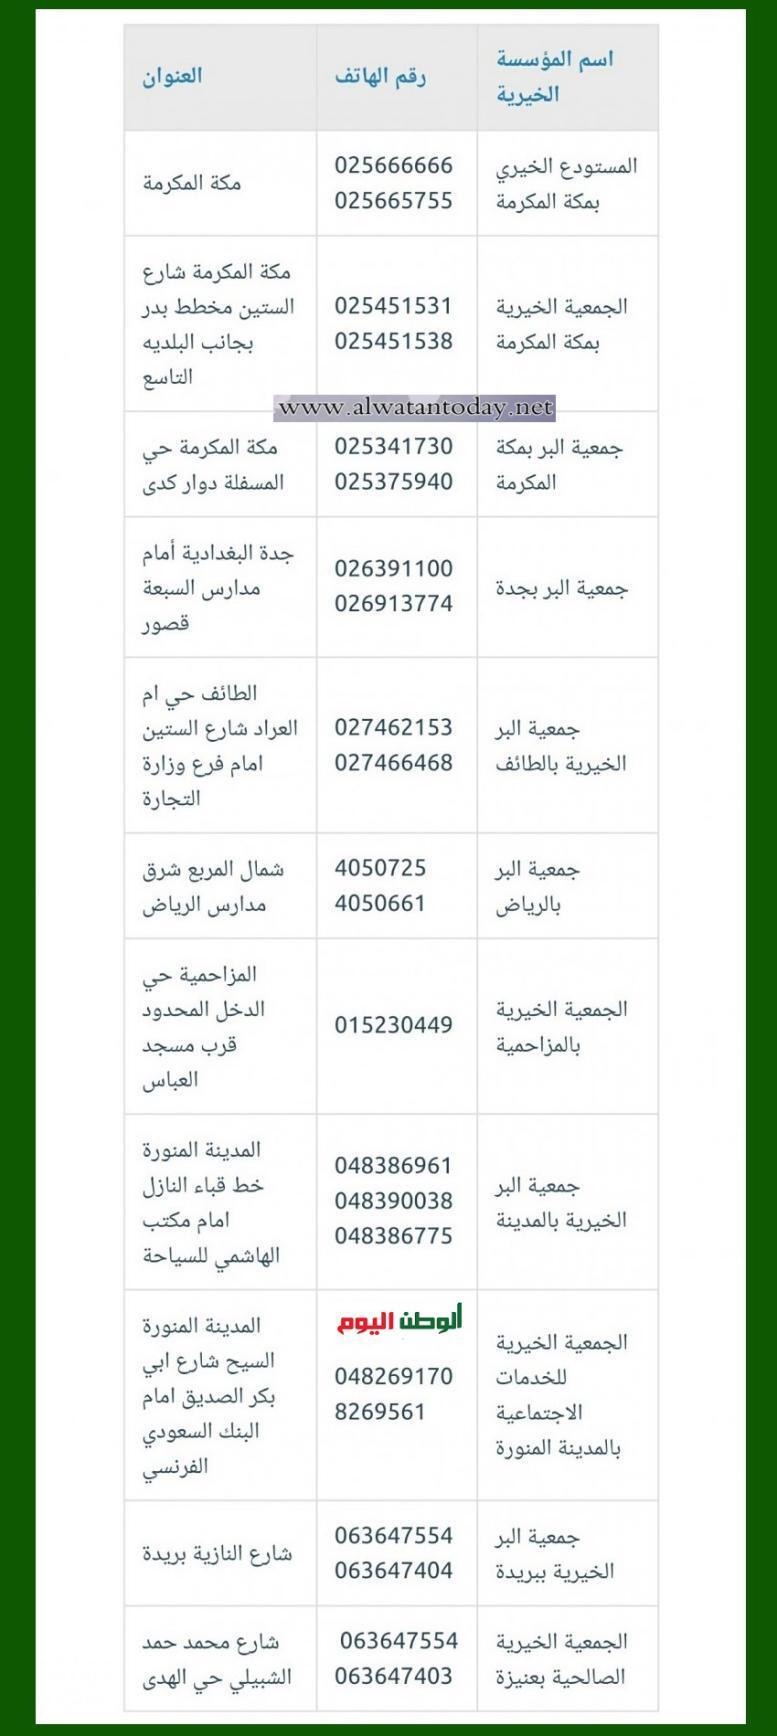 شاهد.. أرقام واتساب جمعيات خيرية في السعودية 2021